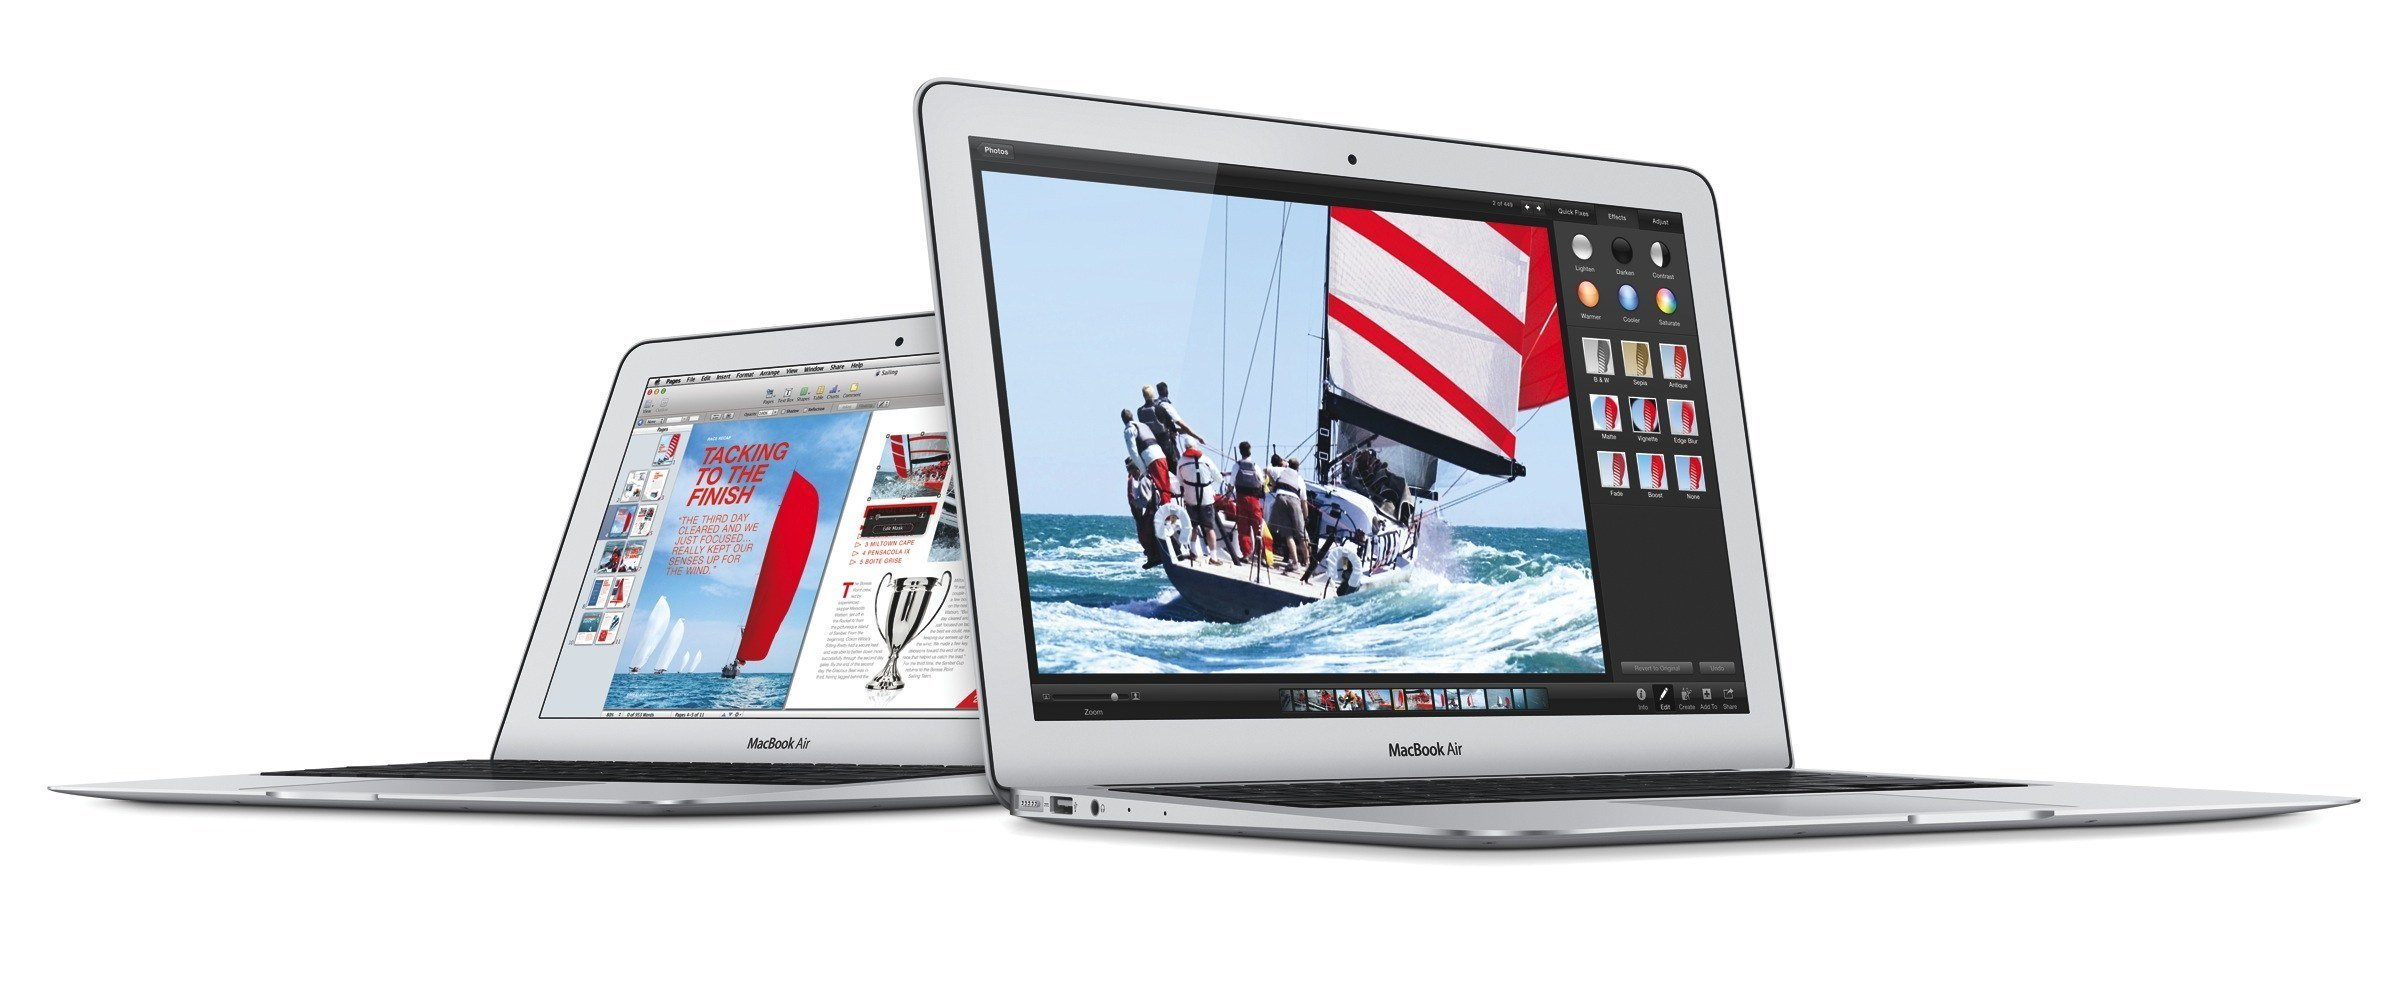 MacBook Air - 11 und 13 Zoll